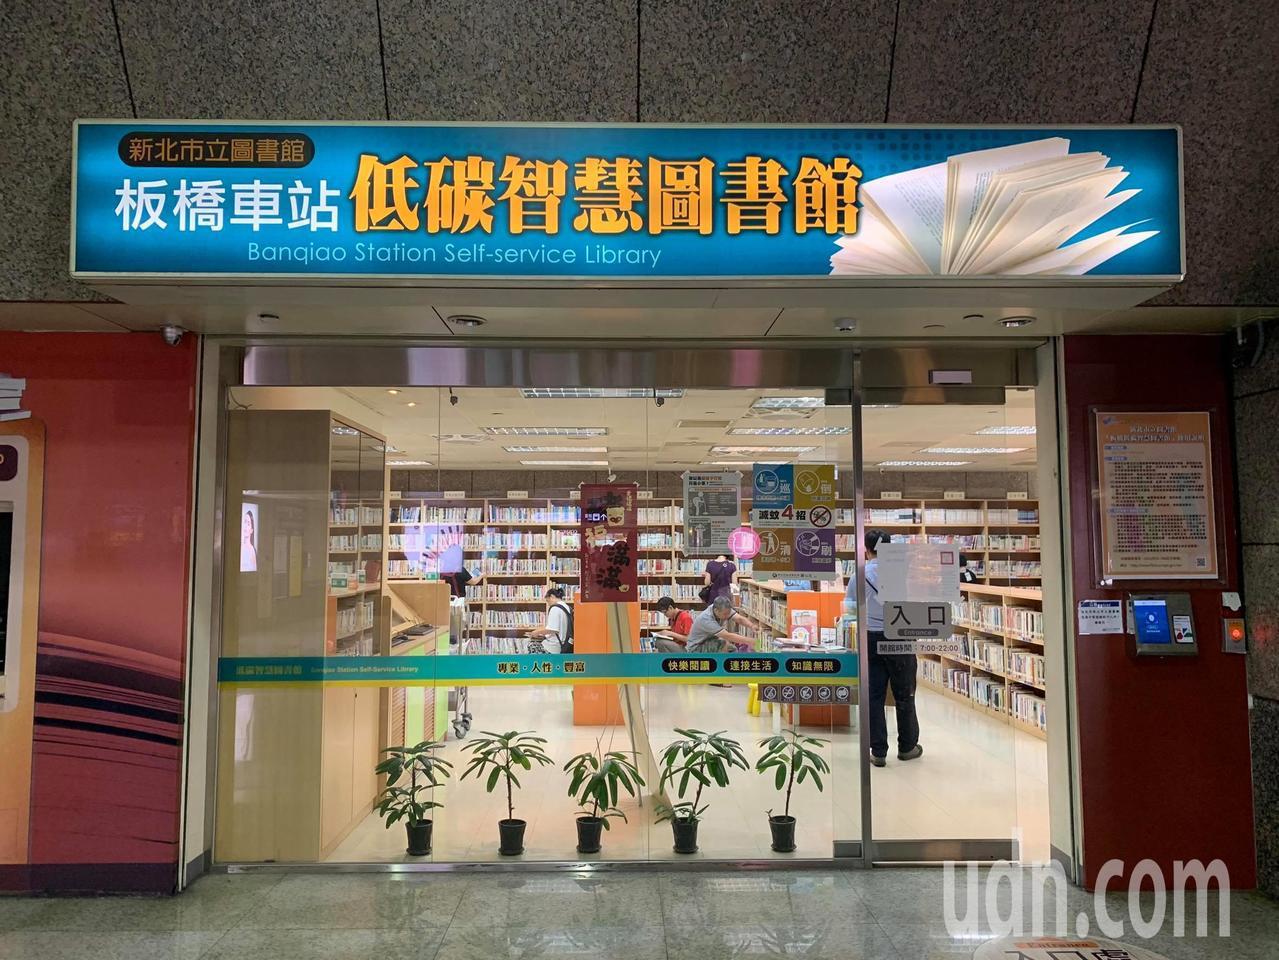 「板橋智慧圖書館」今年8月1日將停止服務。記者張曼蘋/攝影